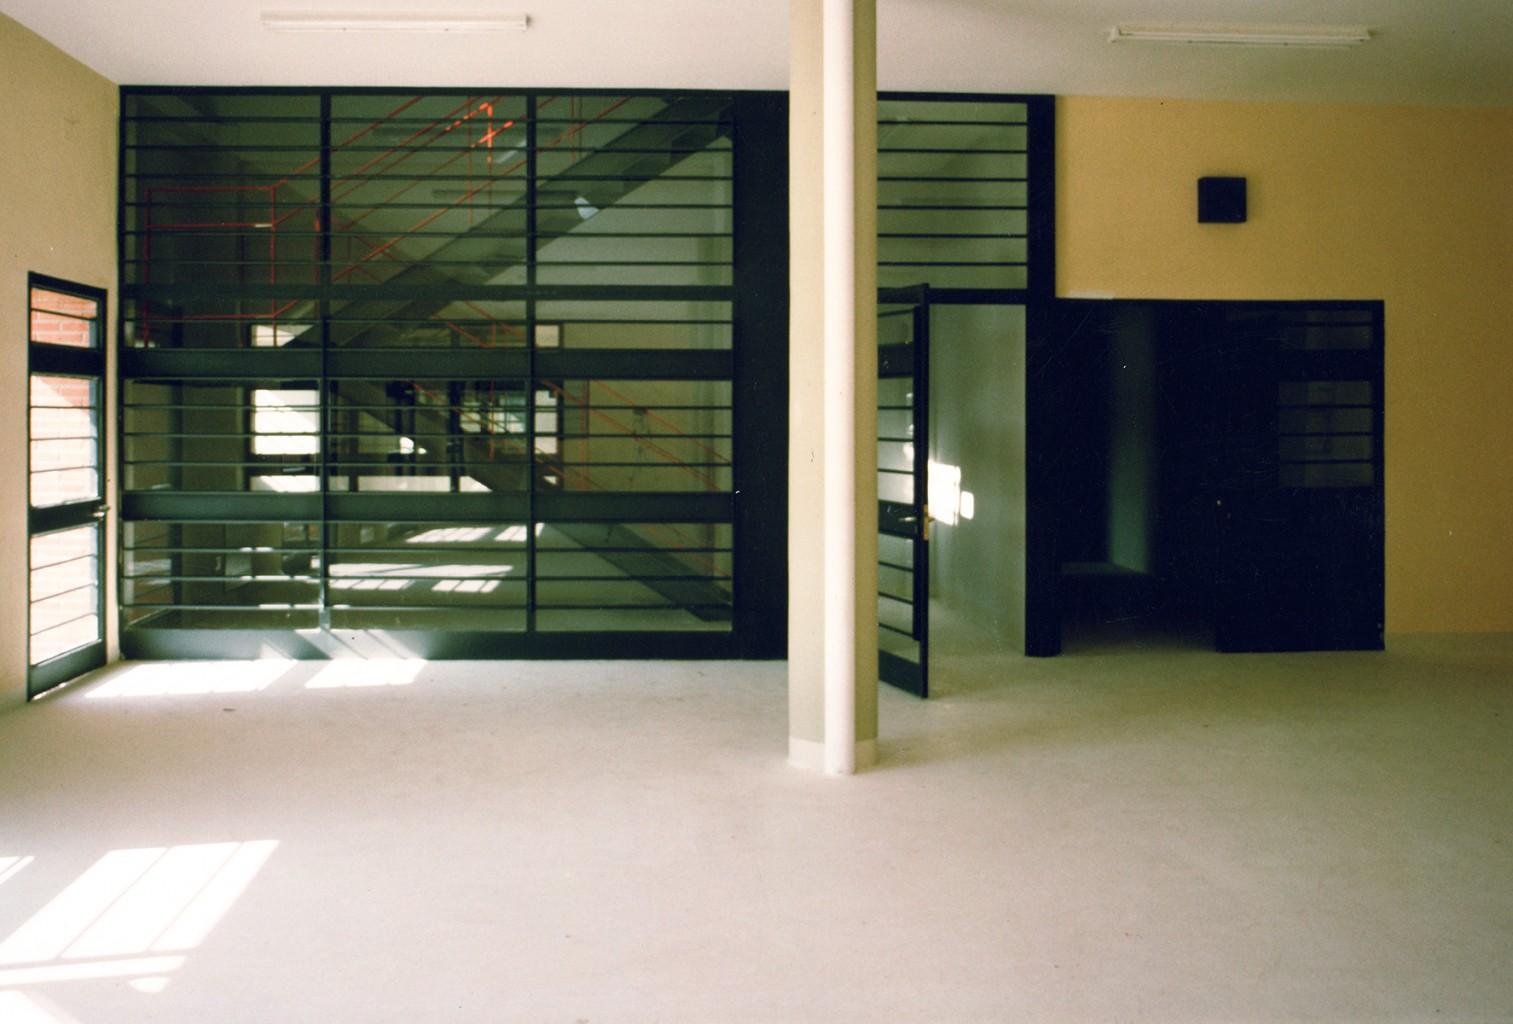 Centro penitenciario de Jaen Blanca Lleo 04